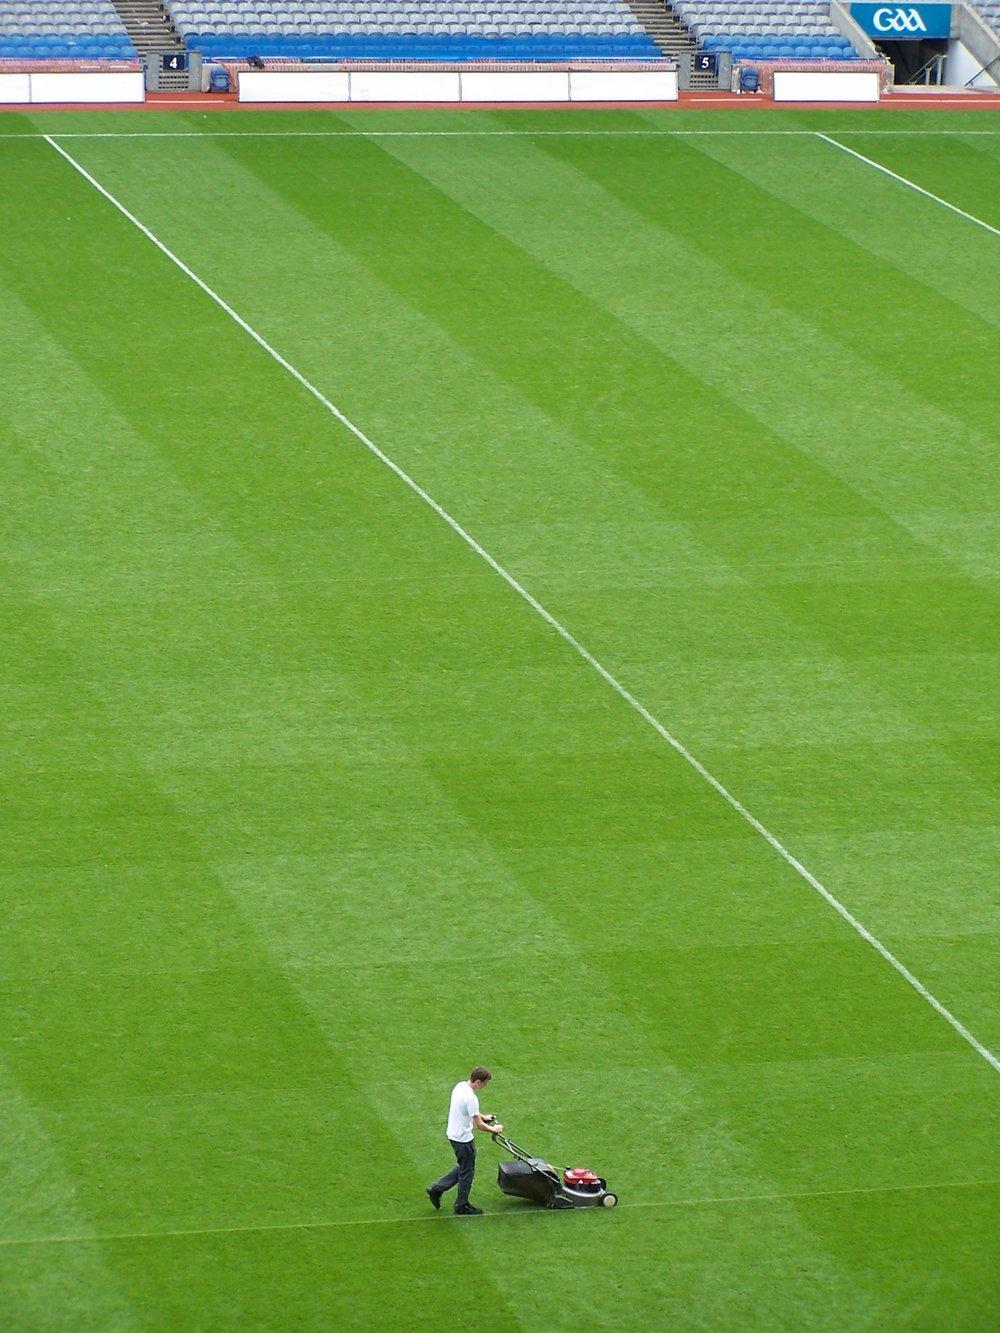 grass-structure-field-lawn-green-soccer-635882-pxhere.com.jpg